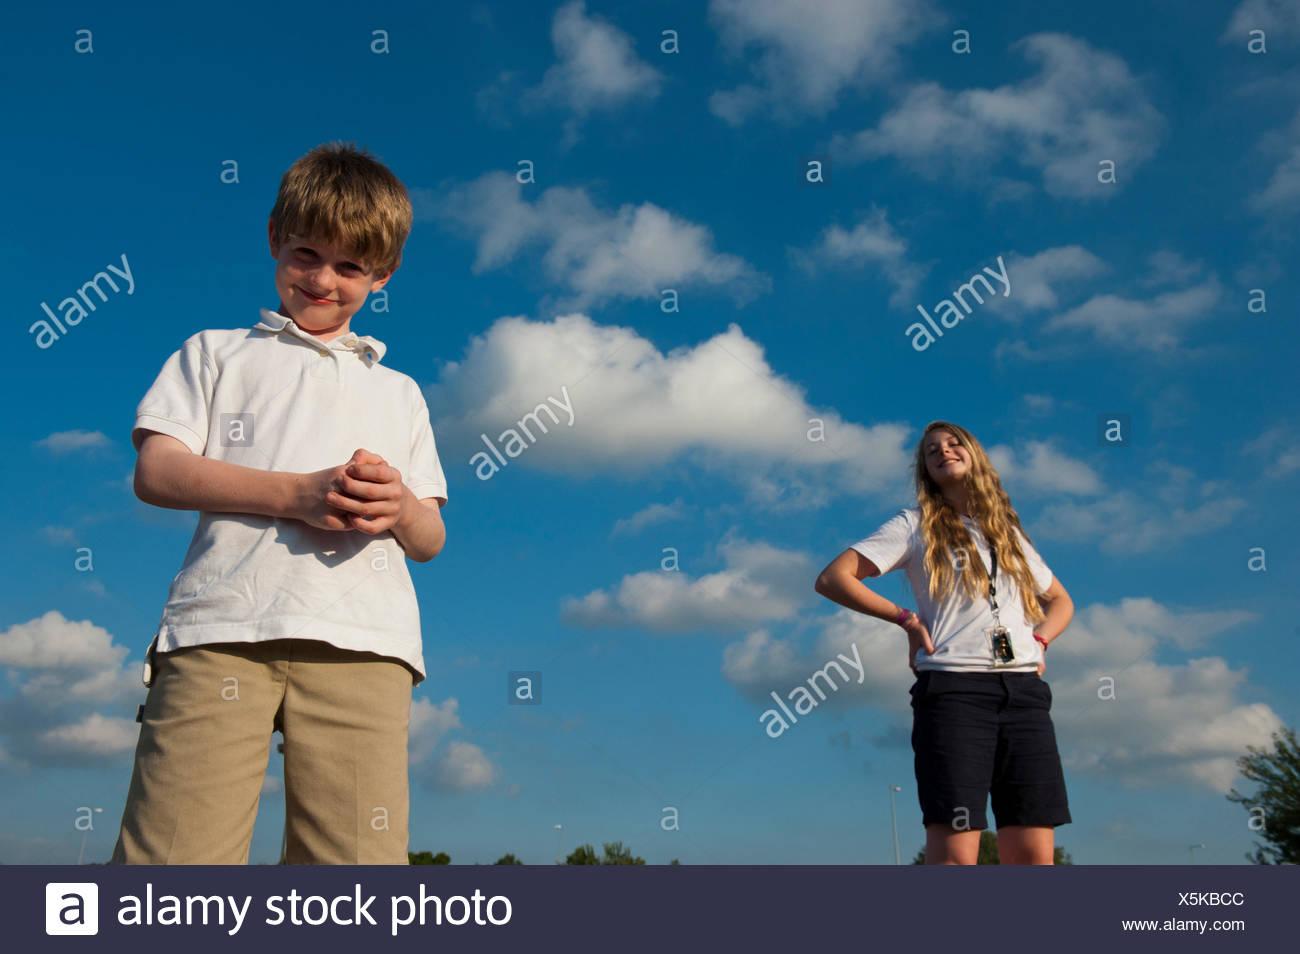 Siblings pose in their school uniforms. - Stock Image